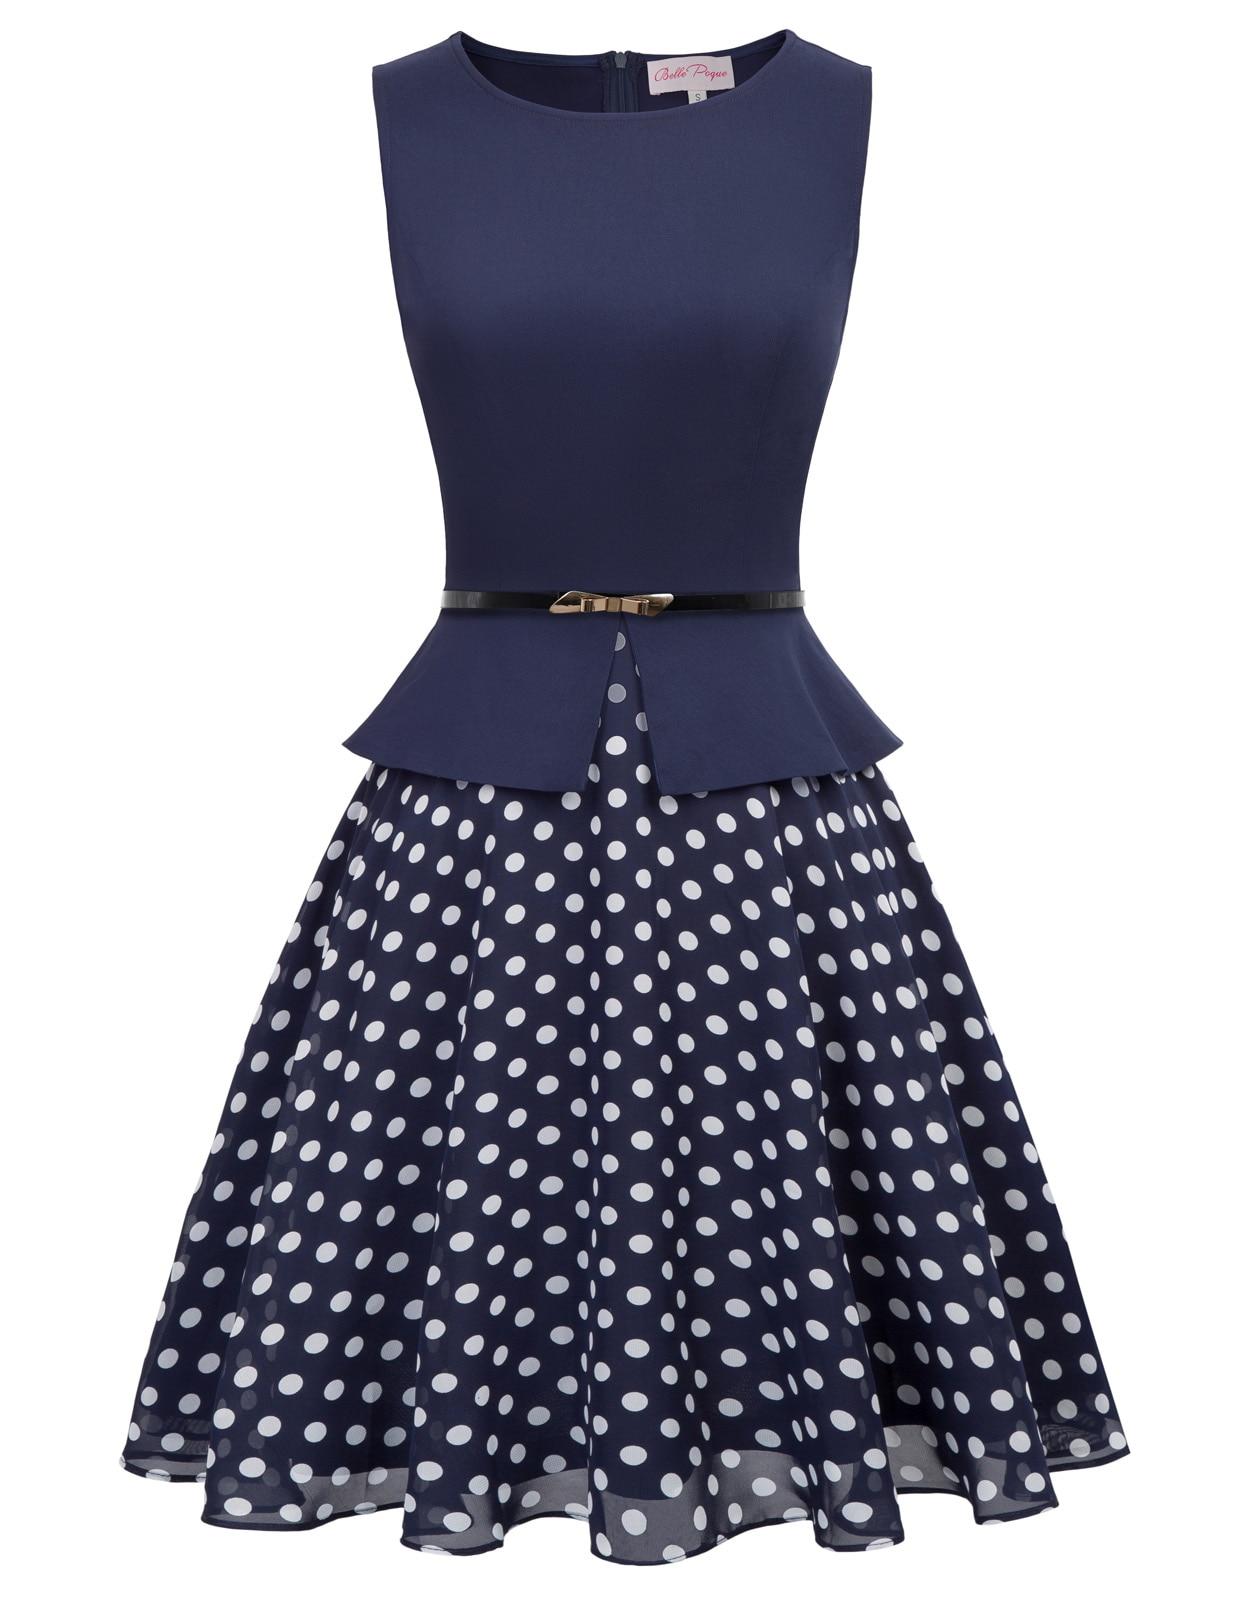 Womens SUMMER Polka Dot Hlater 50s Dress Pin Up A Line Swing Party Dress+Belt